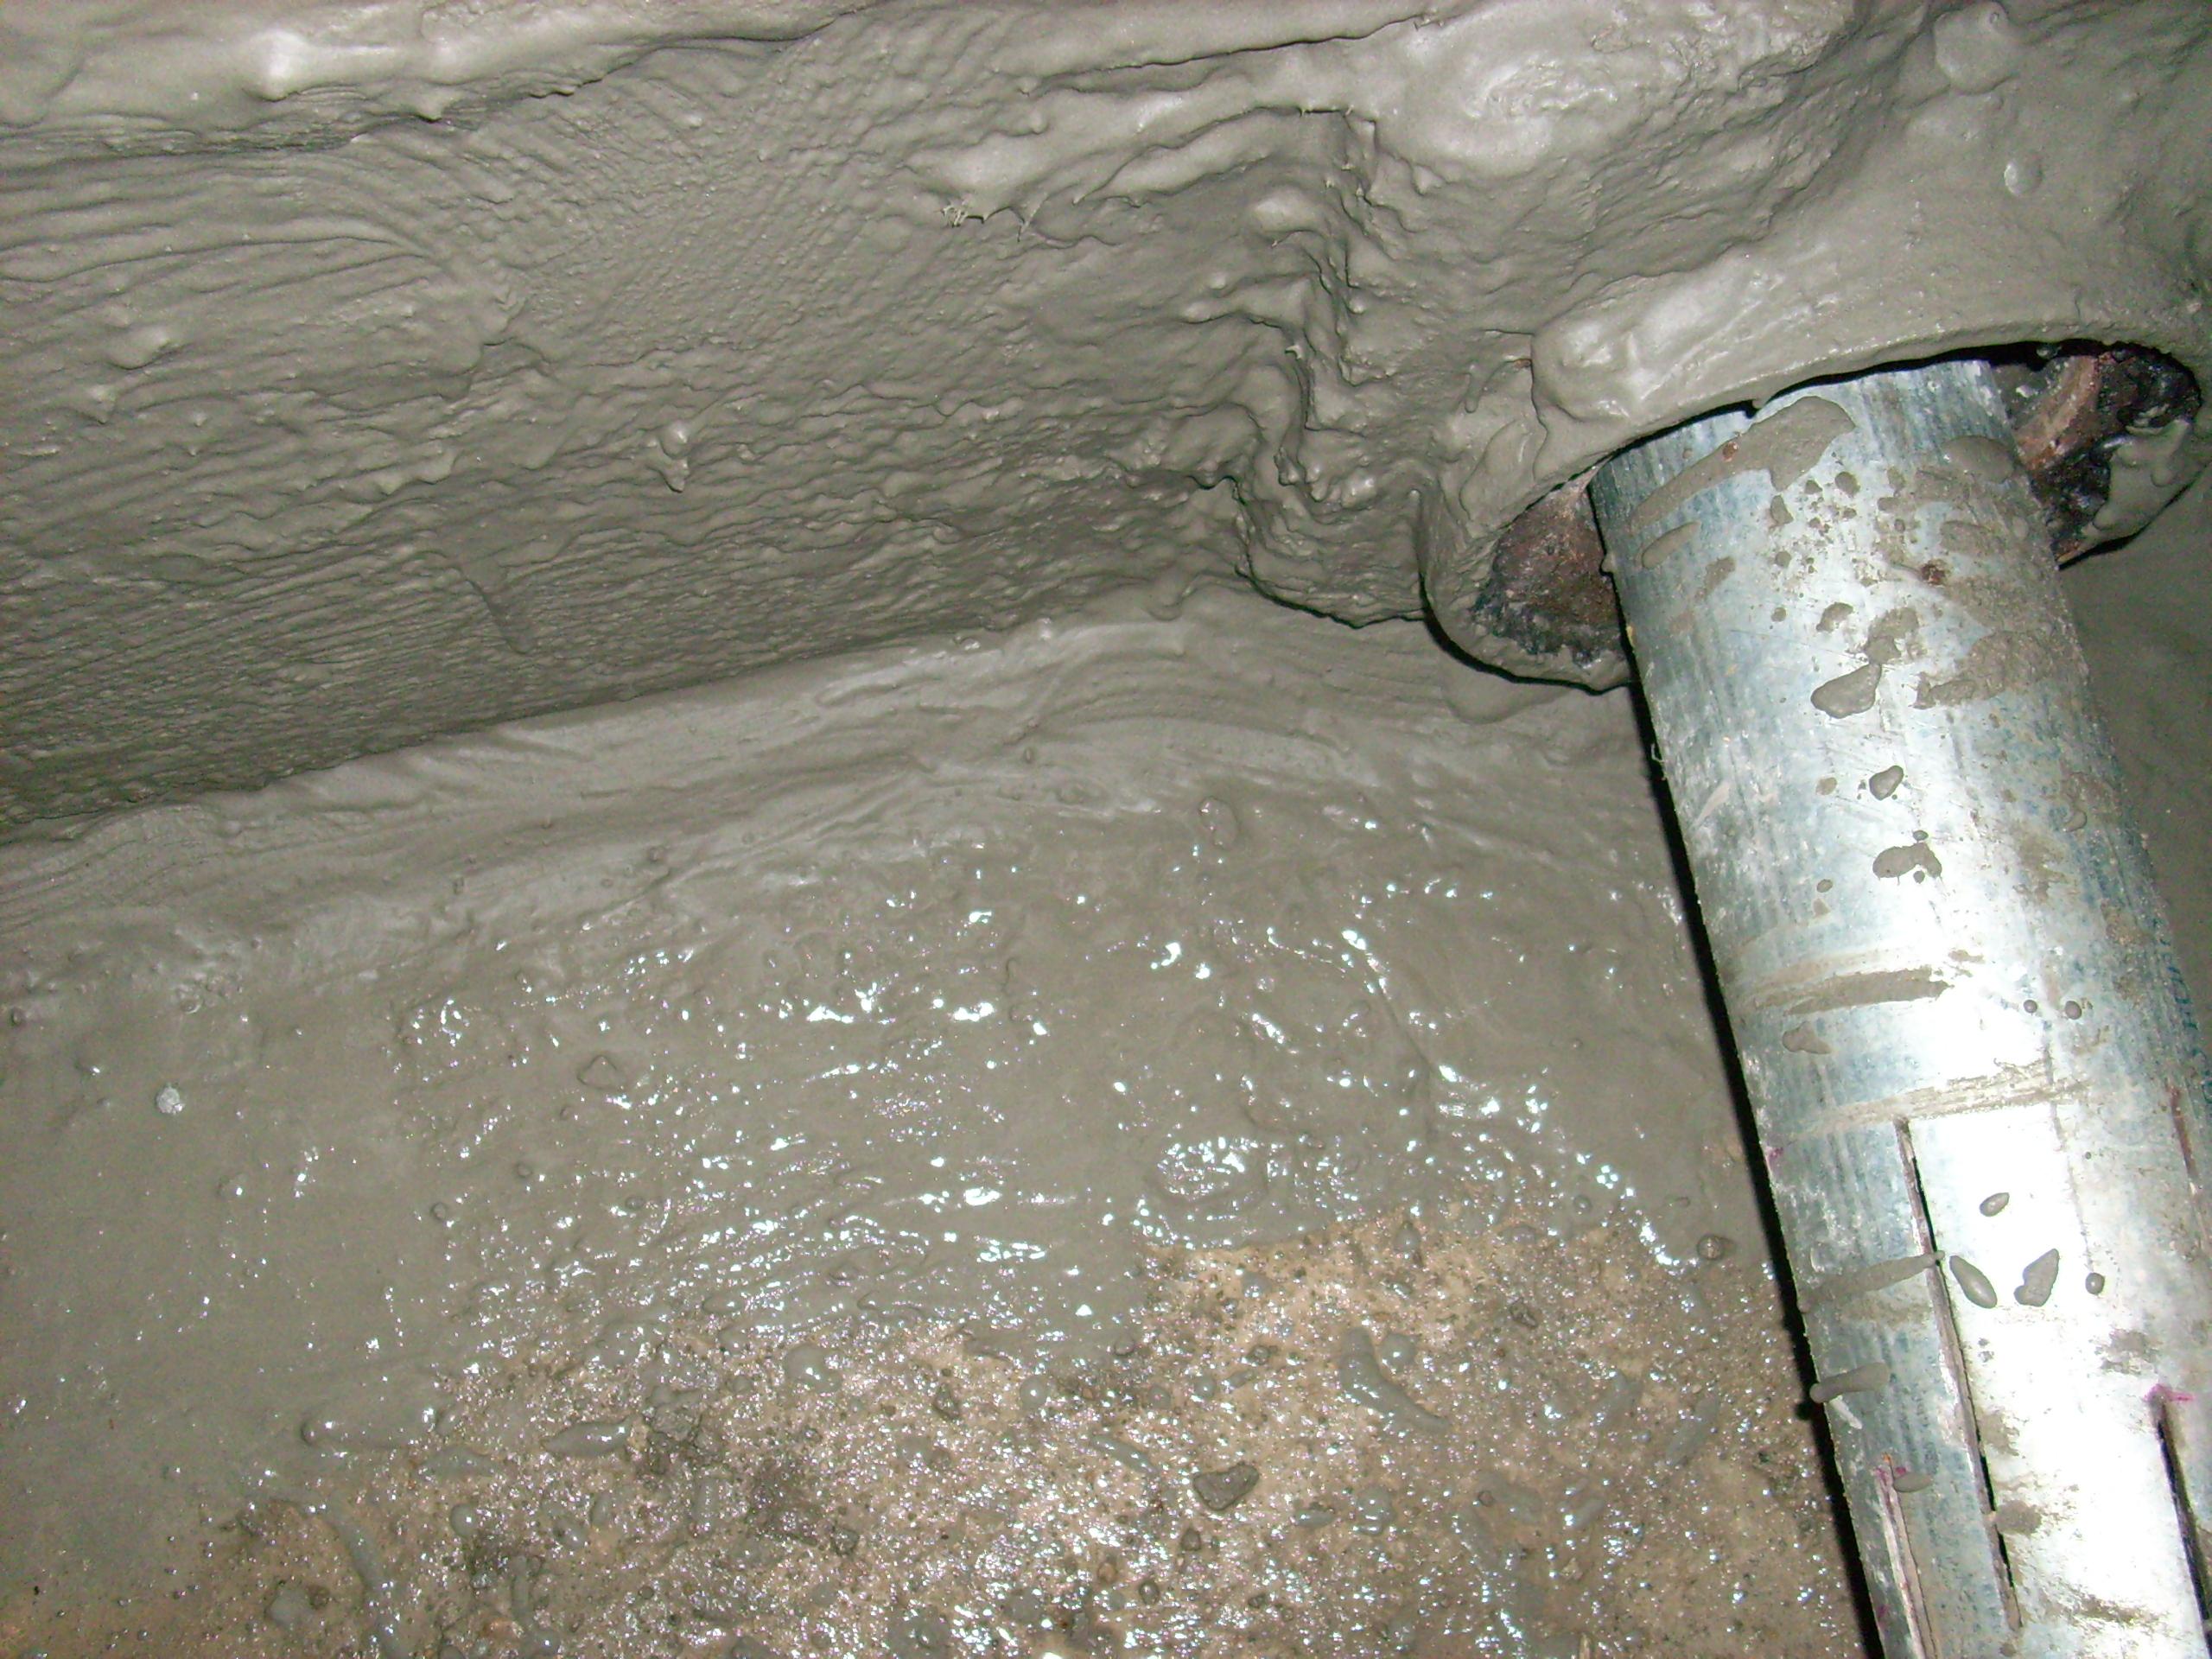 Aplicarea tratamentelor de impermeabilizare - BALCOVI - Bazin apa - Nissan - Tunari UNICO PROFIT - Poza 20